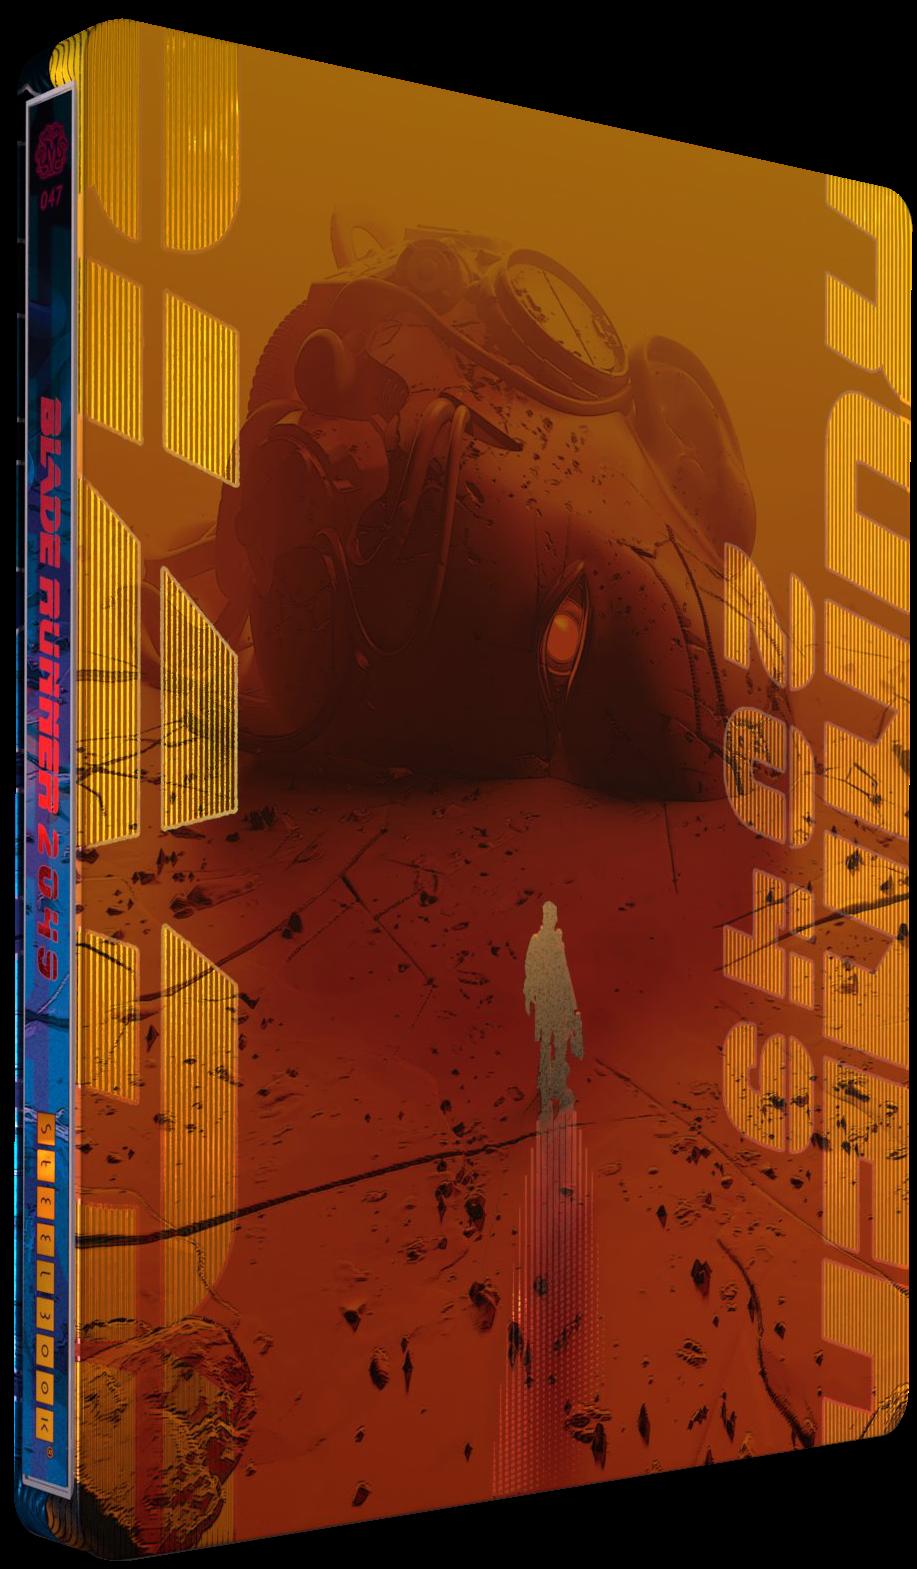 Mondo - Blade Runner 2049 4K (Front)